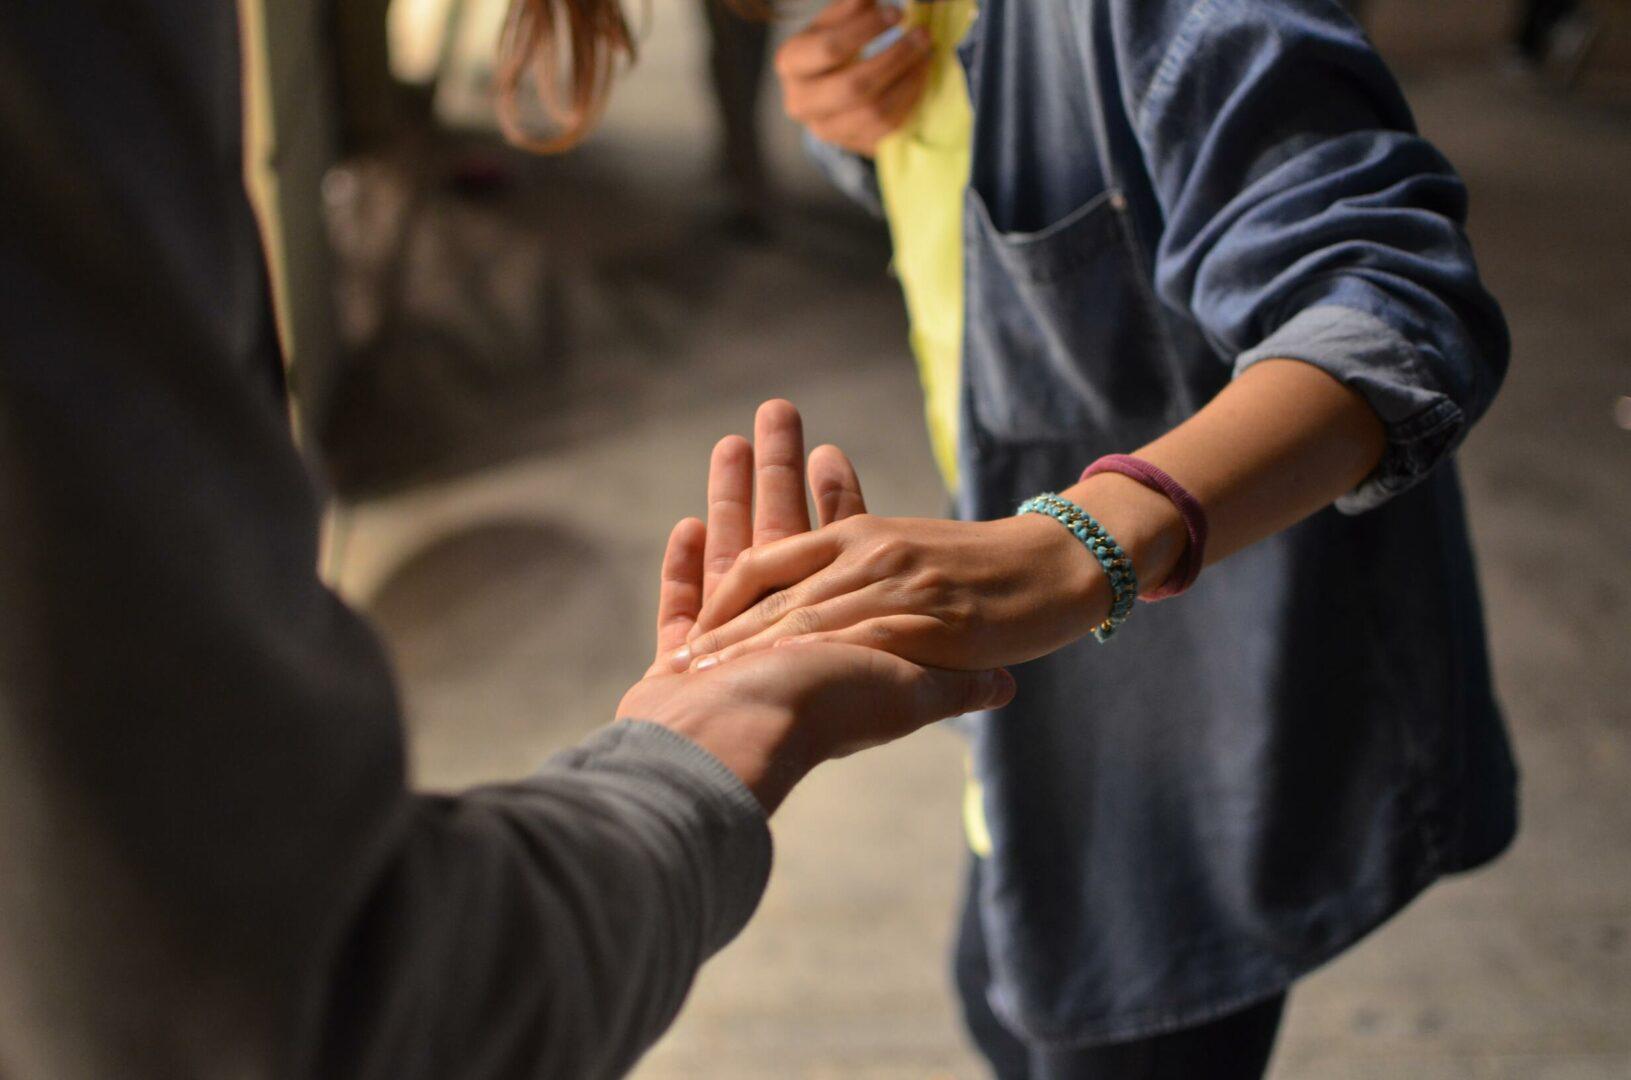 persona dandole la mano a otra